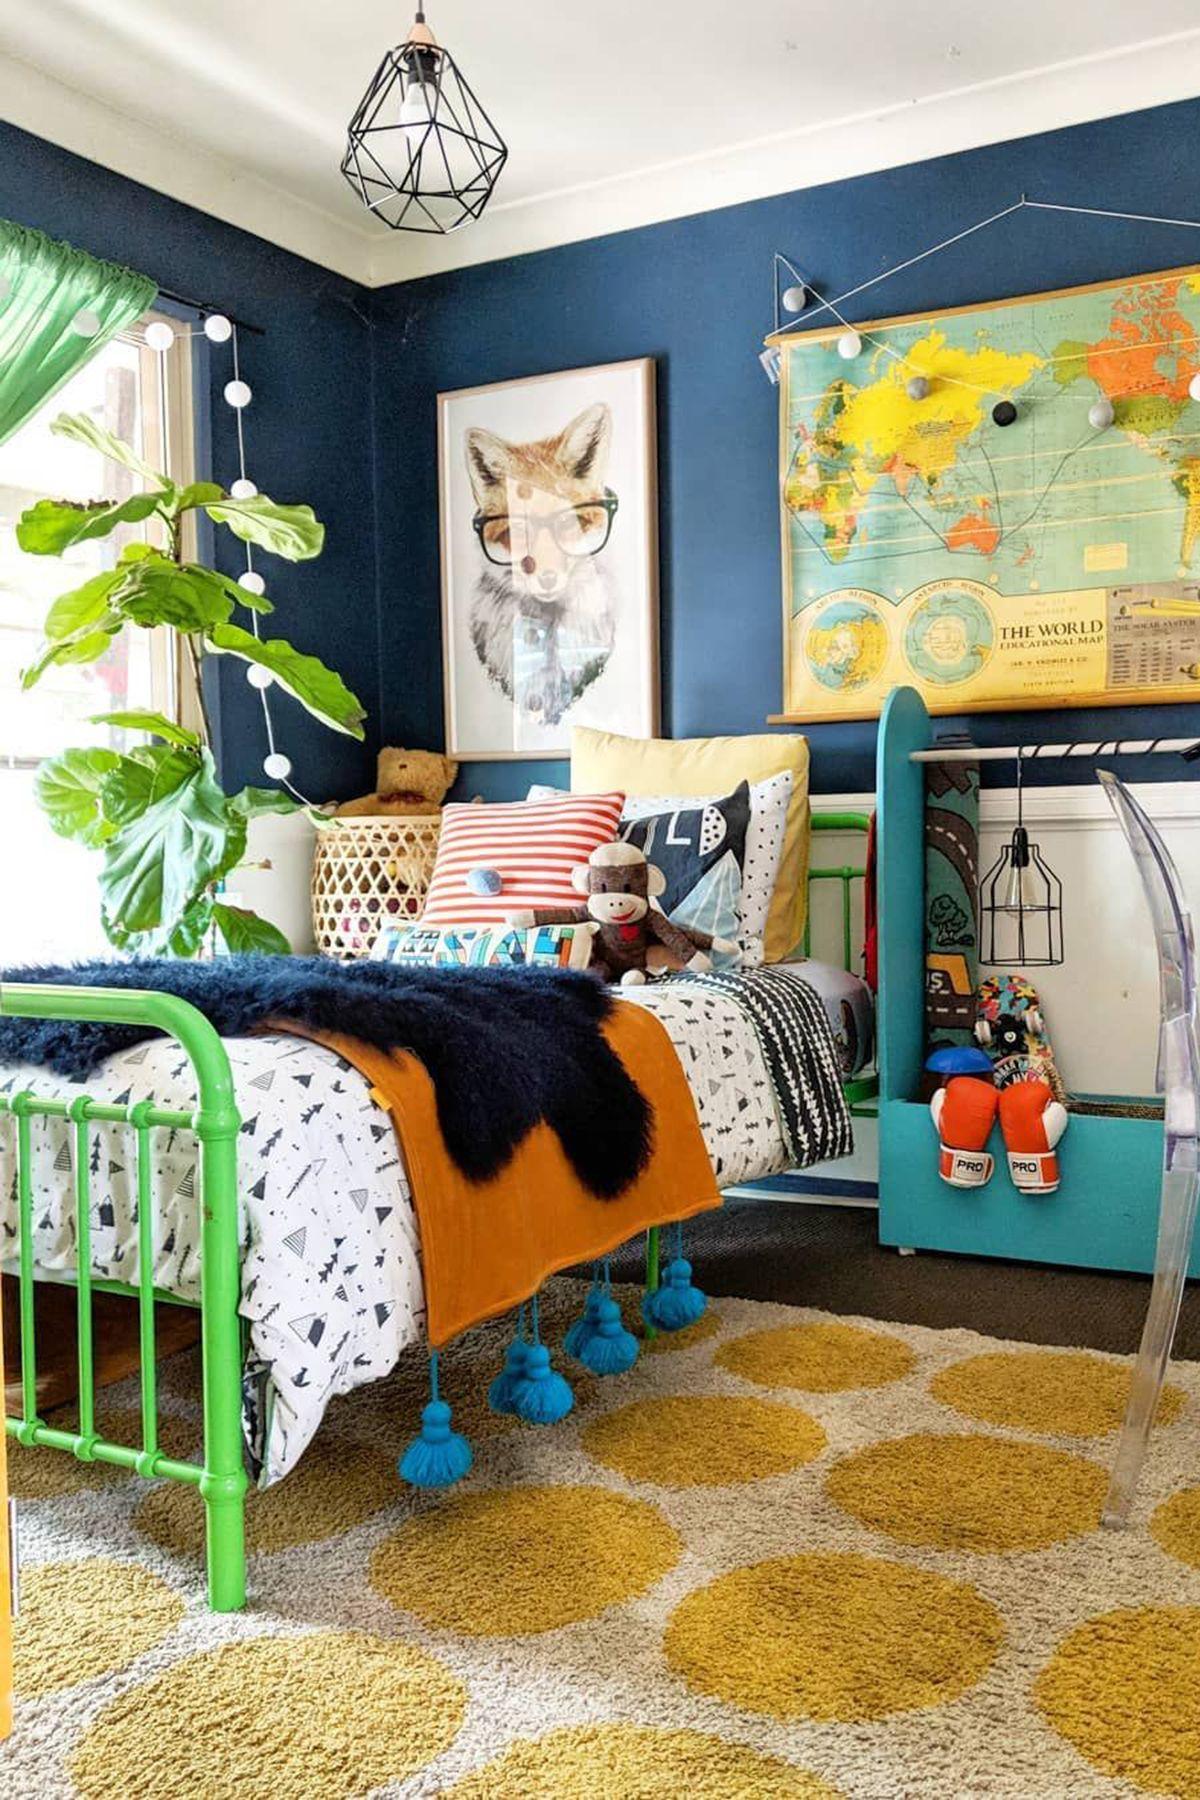 Vintage Boy S Bedroom Inspiration Charleston Blonde Vintage Boys Bedrooms Eclectic Kids Room Boy Room